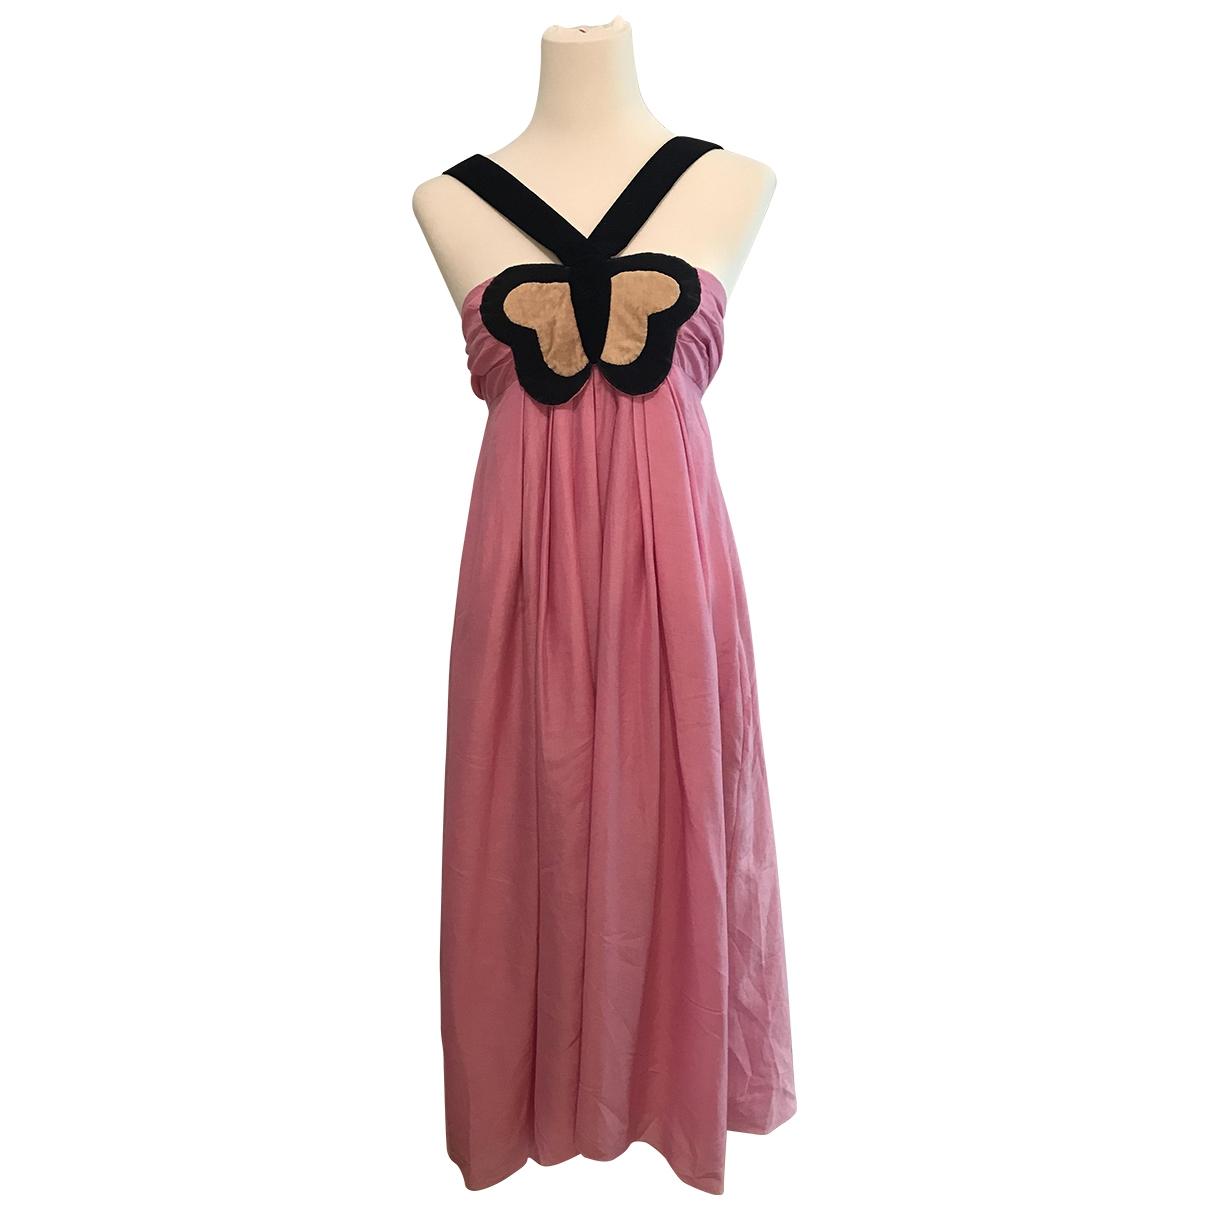 Sonia Rykiel \N Kleid in  Rosa Kaschmir